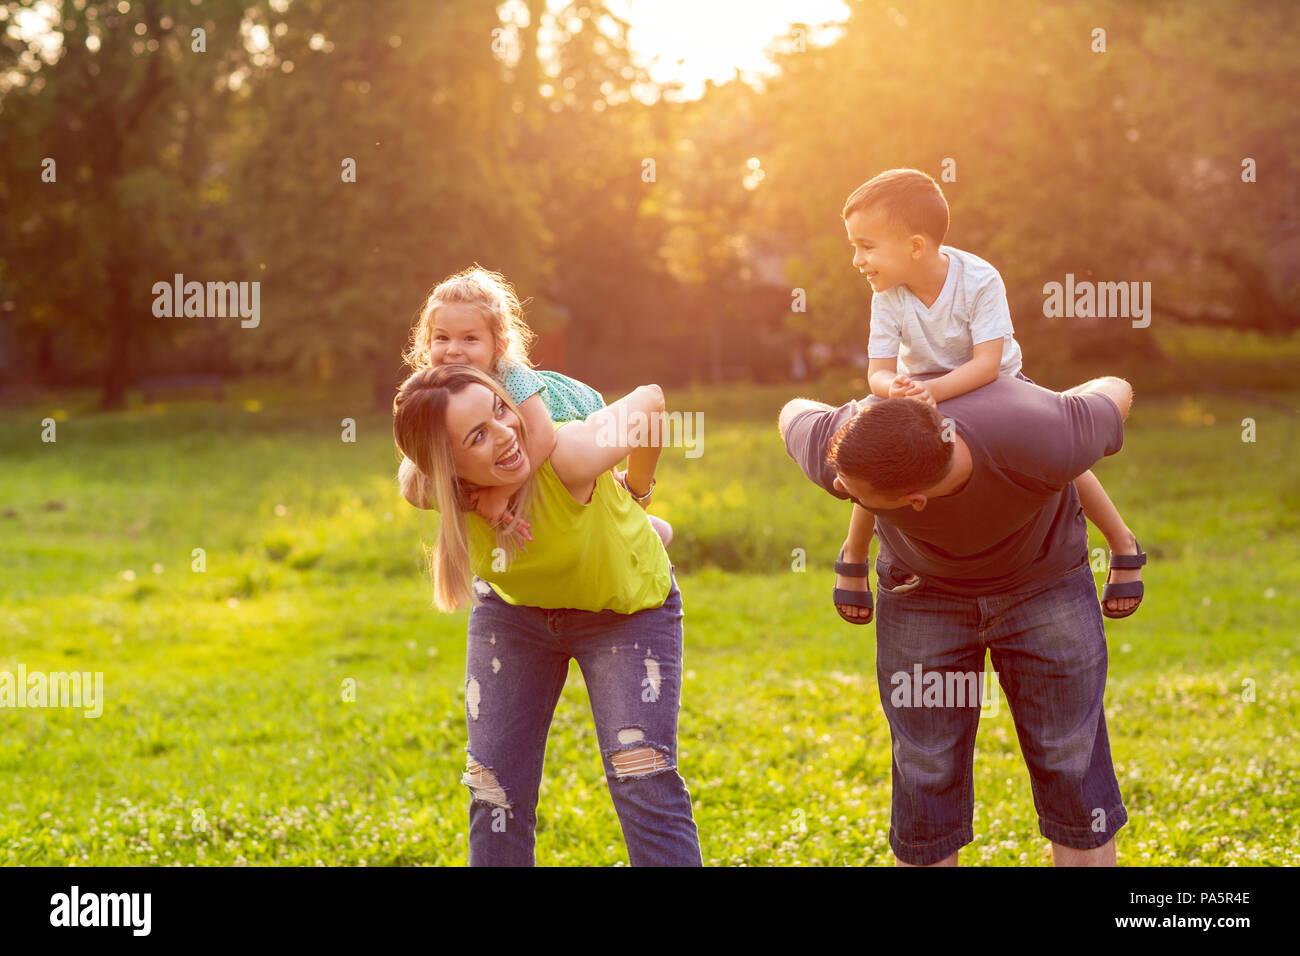 Famiglia, felicità, infanzia e concetto di persone - genitori felici di dare piggyback ride per bambini Immagini Stock